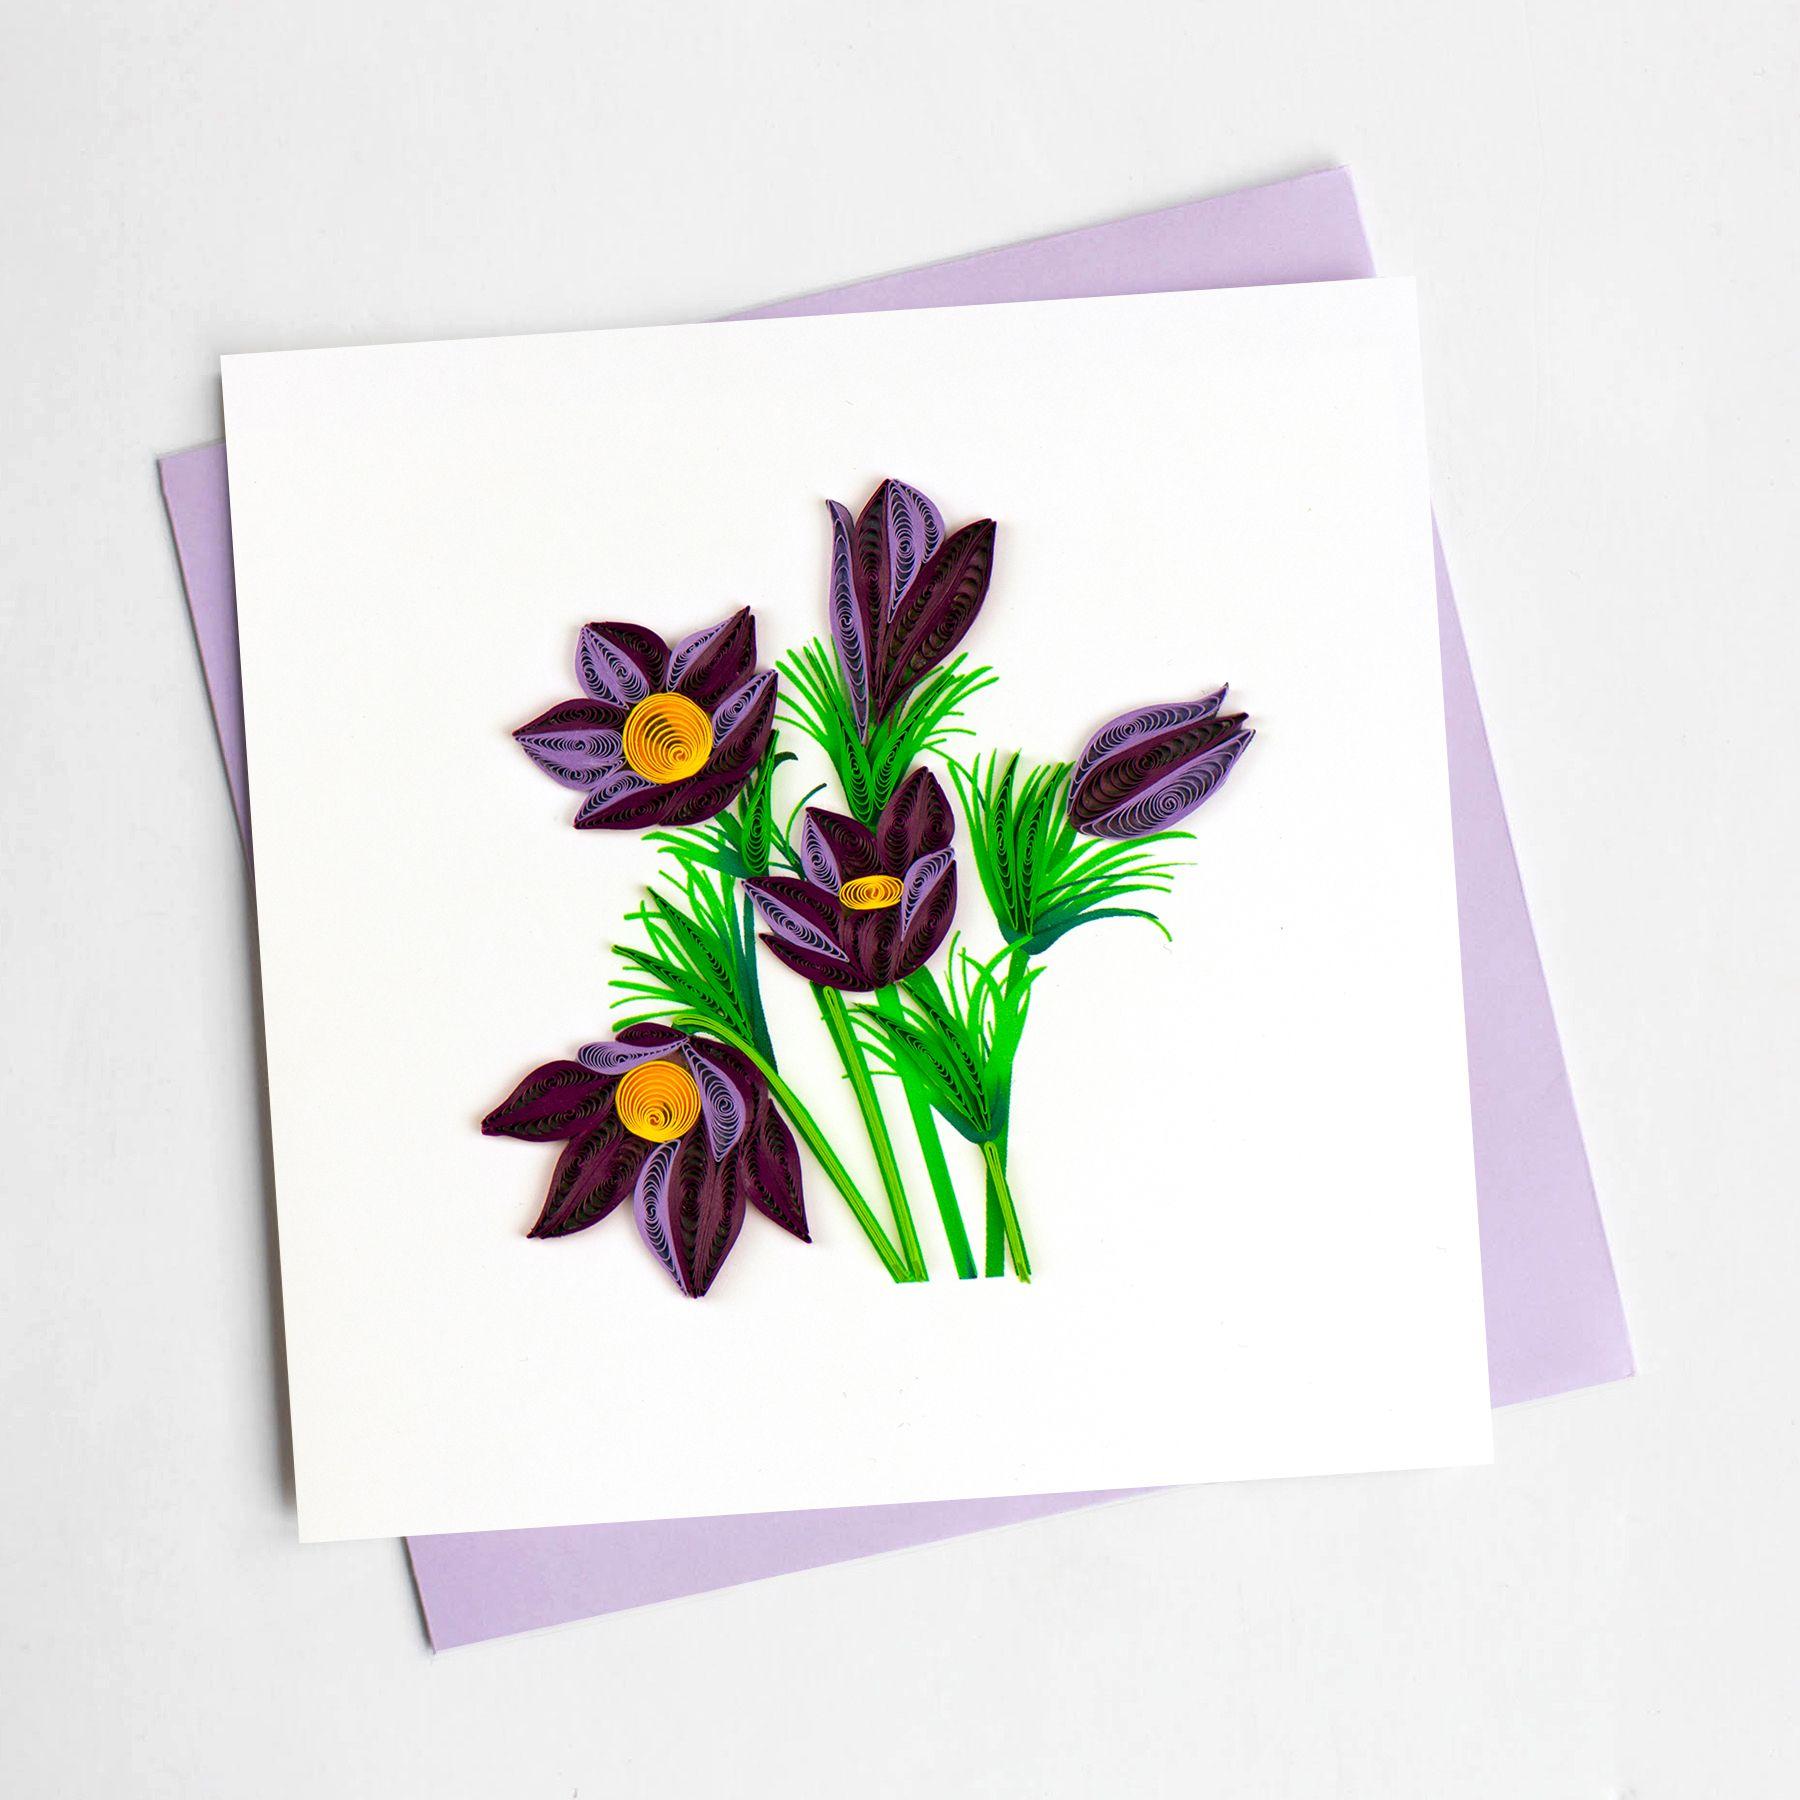 Как нарисовать цветы для открытки своими руками, приколы